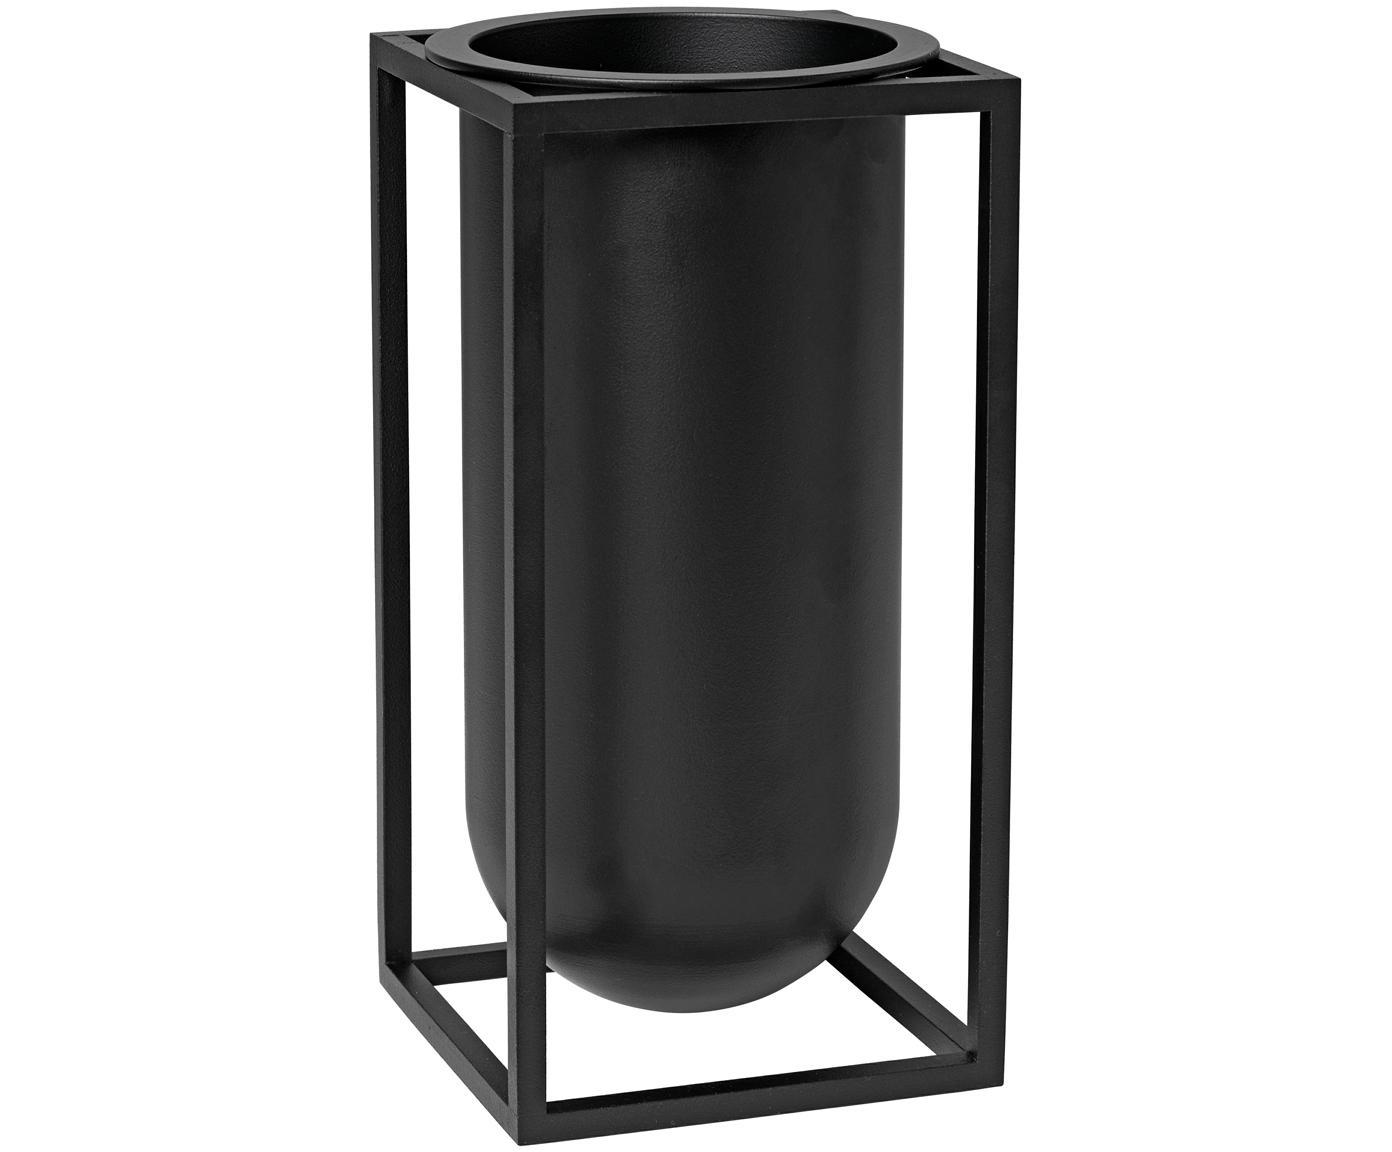 Vaso in alluminio fatto a mano Kubus, Alluminio verniciato, Nero, Larg. 10 x Alt. 20 cm